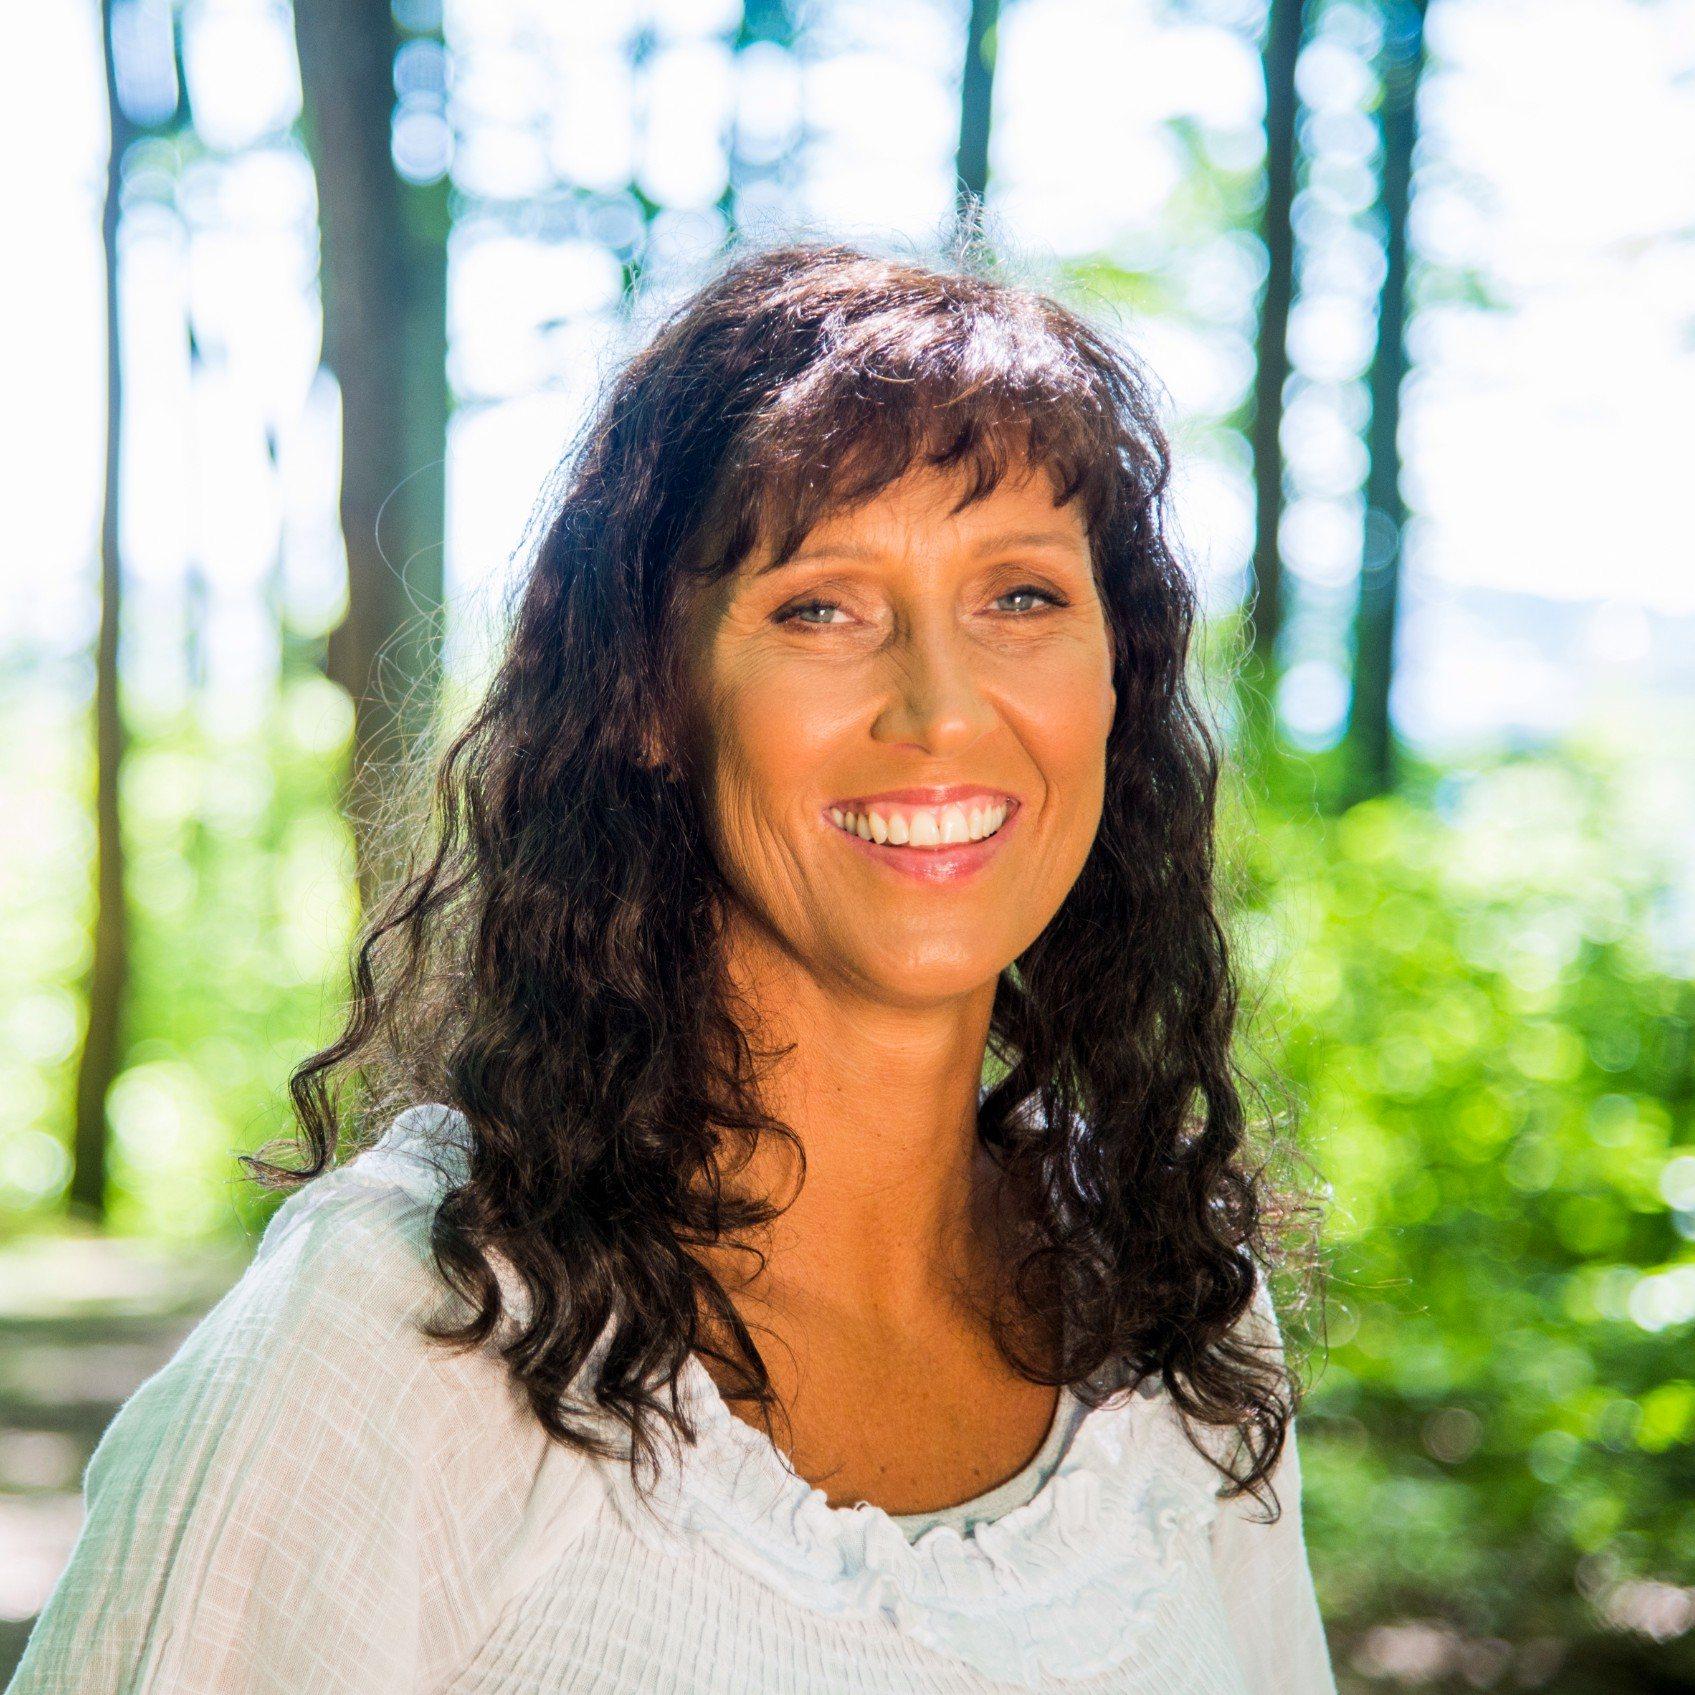 Cathrine fotografert i bjørkeskogen. Hun smiler bredt og det bølgete håret ligger fint over skuldrene.